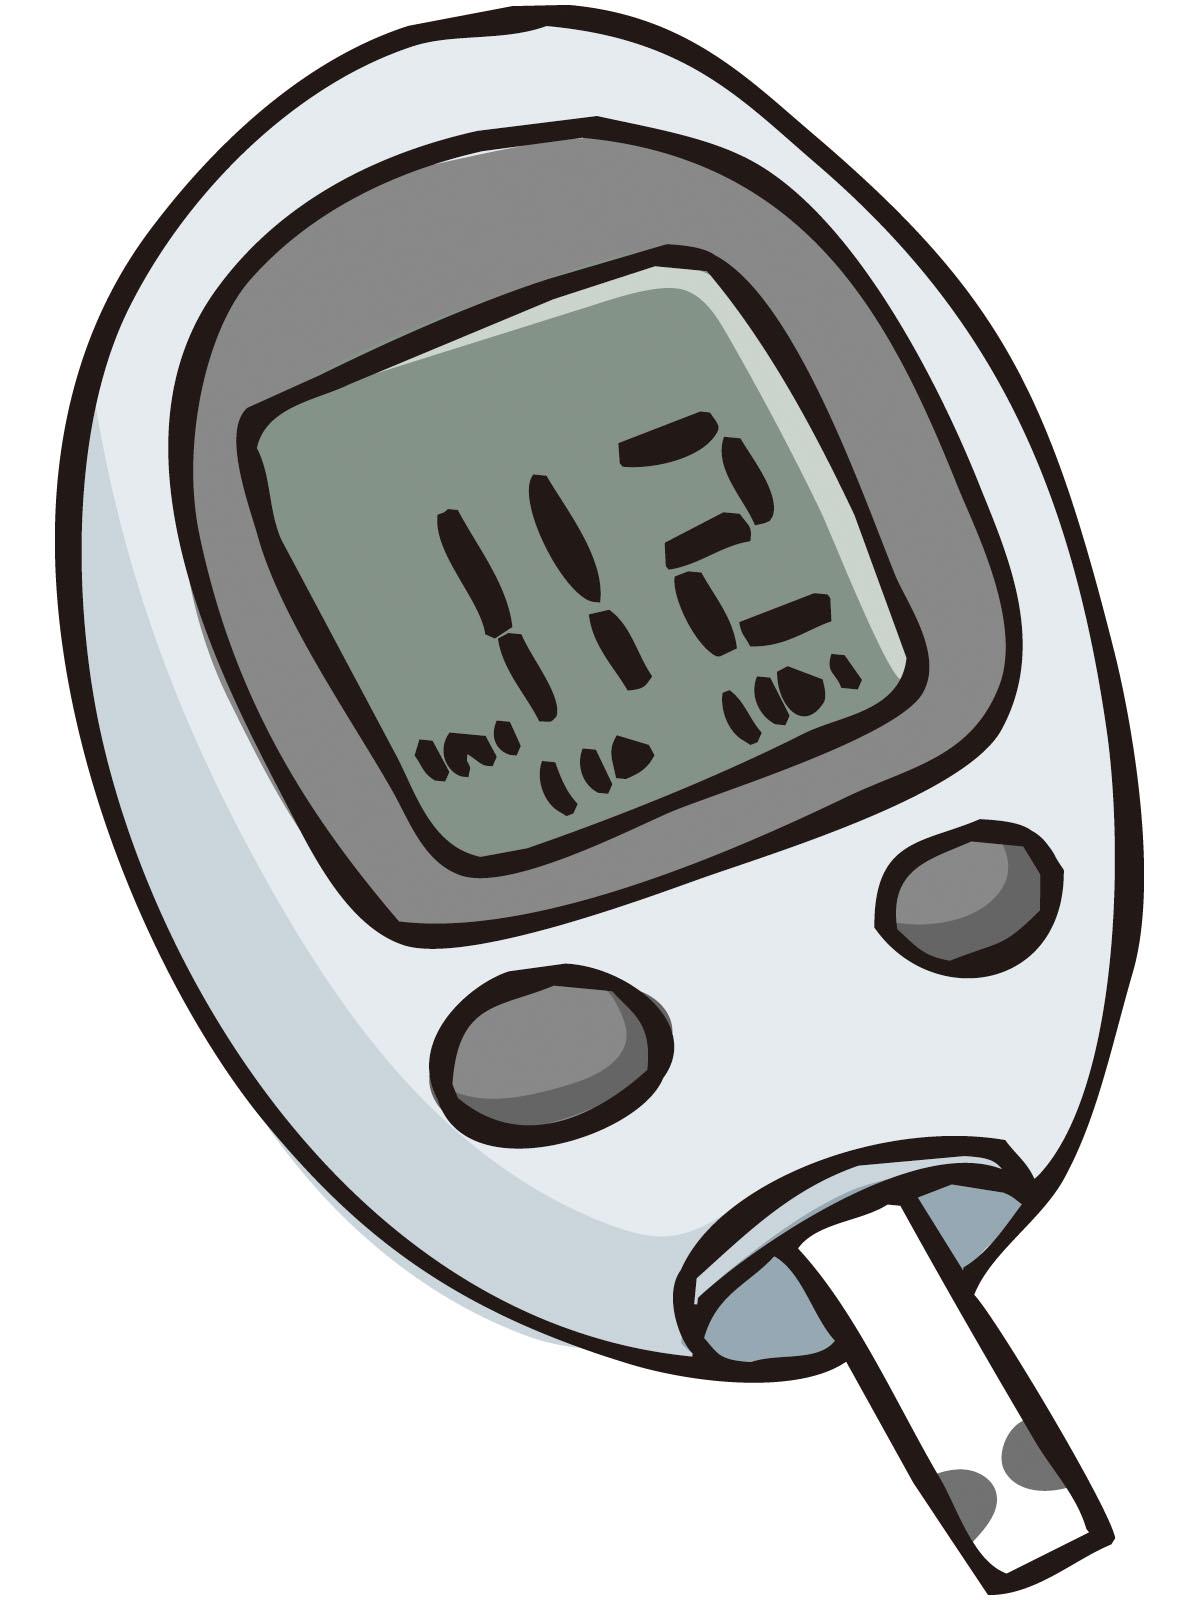 糖質制限食で食後血糖値はどれくらい上がるの?